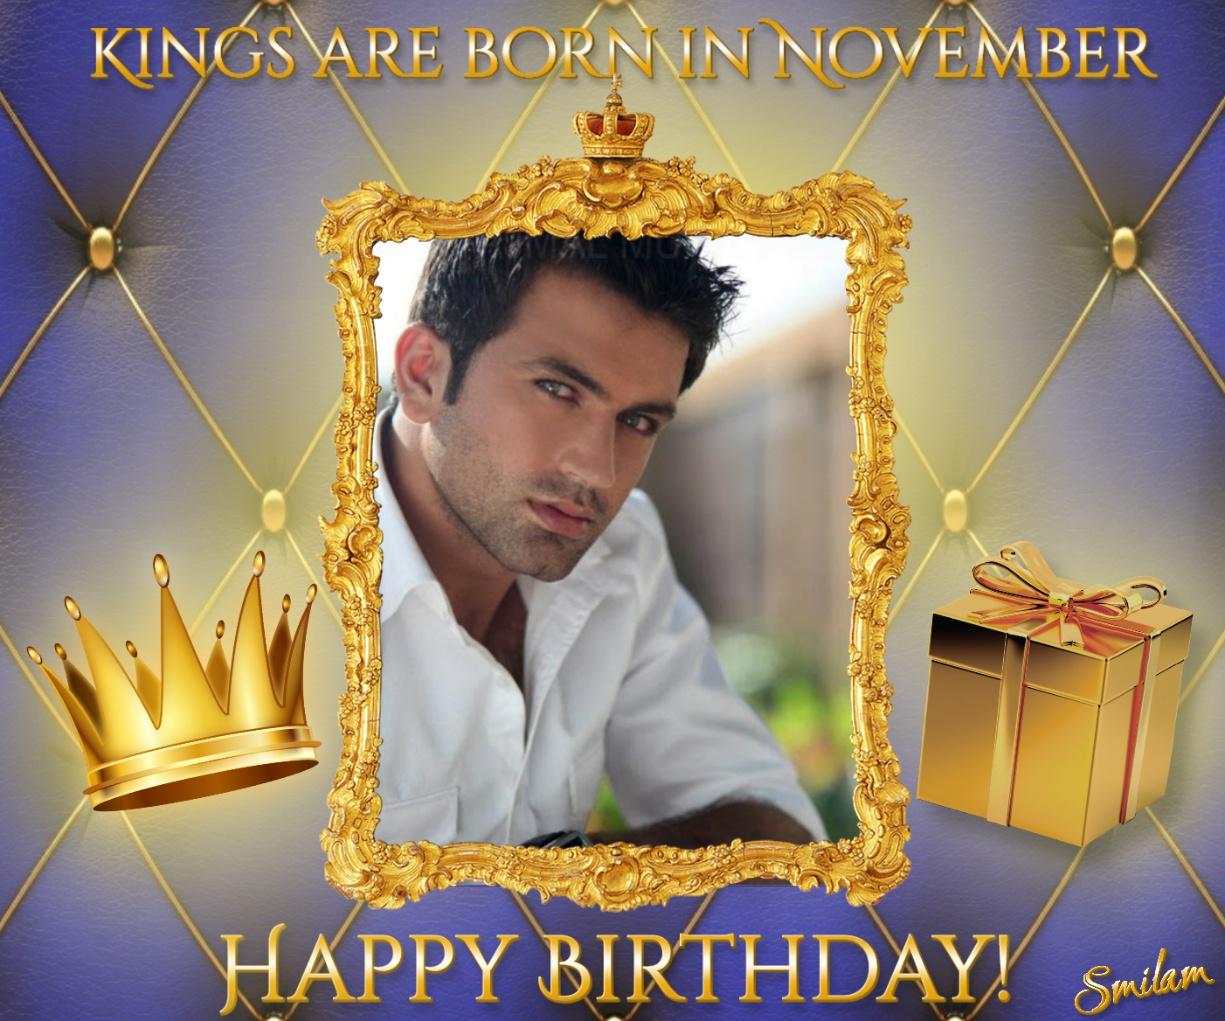 Imikimi Zo Birthday Frames Kings Are Born In November Smilam